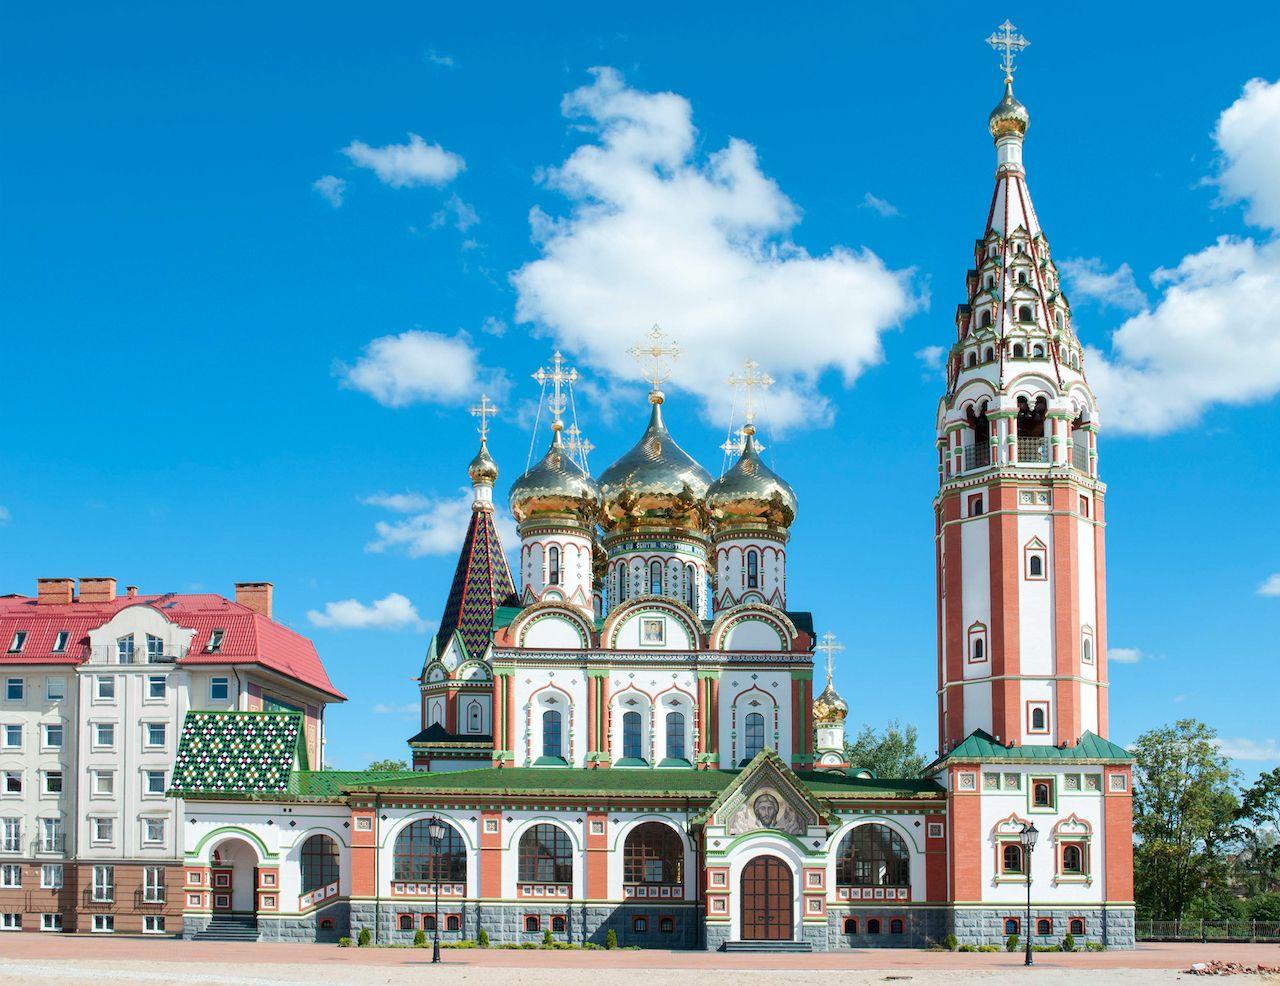 Kaliningrad in Russia